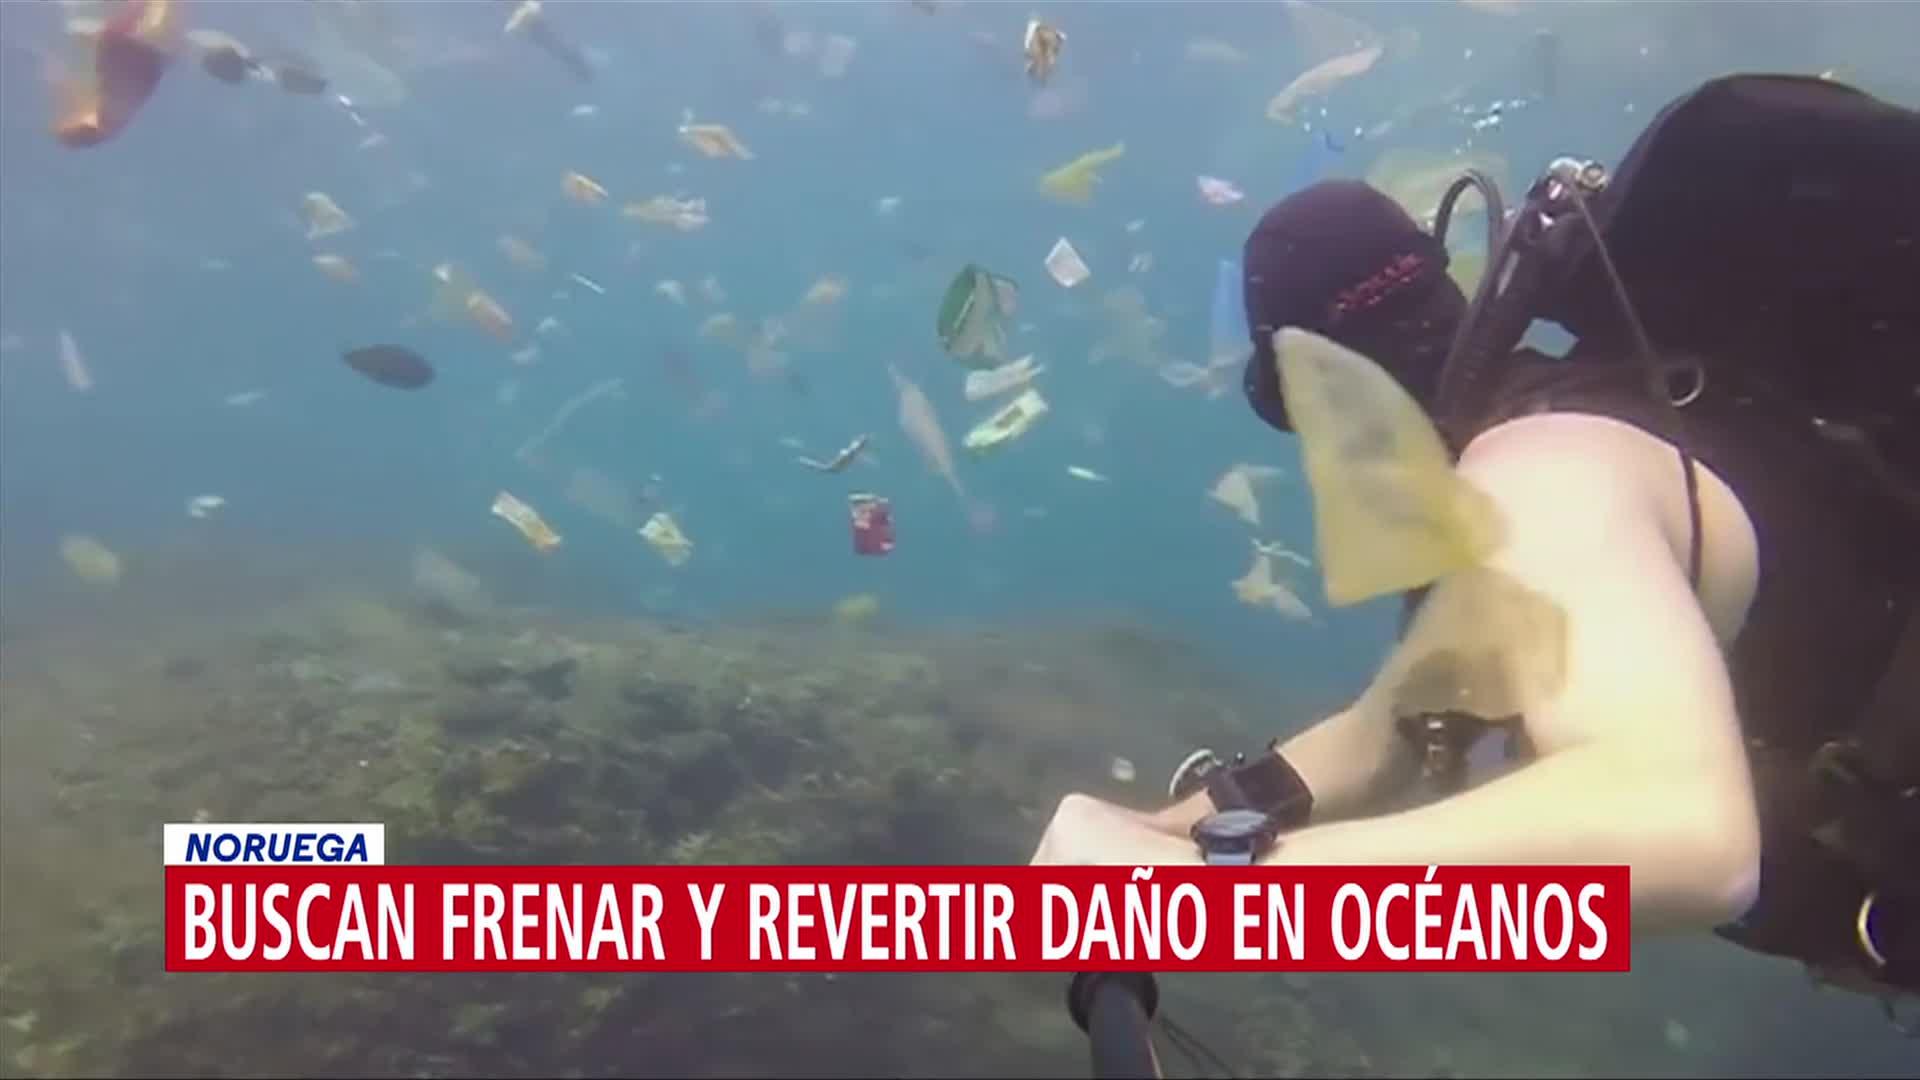 Foto: Países Revertir Daño Océanos Medio Ambiente 5 de Marzo 2019